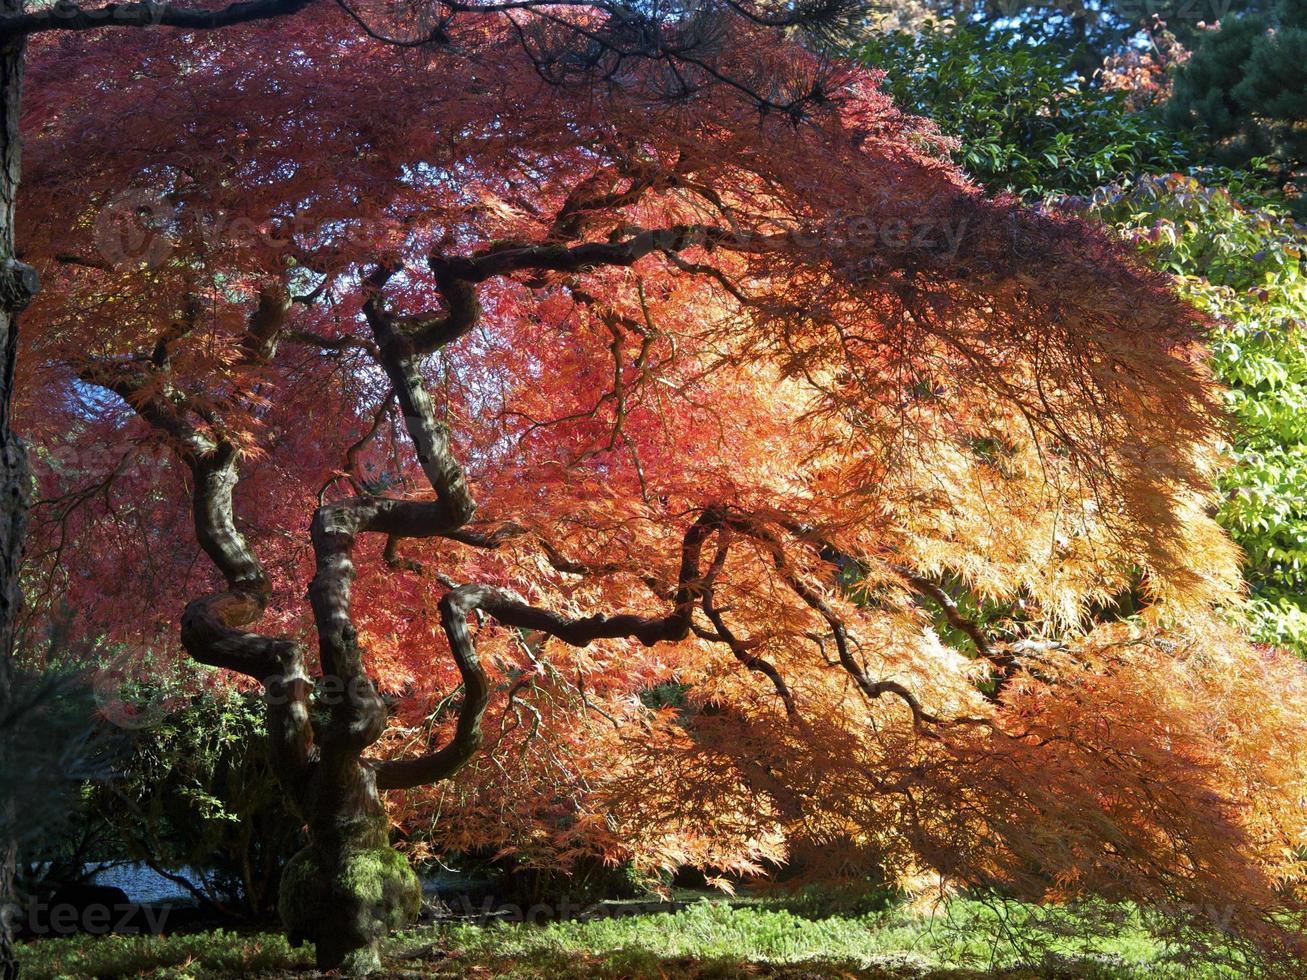 acero giapponese portland oregon di colori di caduta del giardino foto